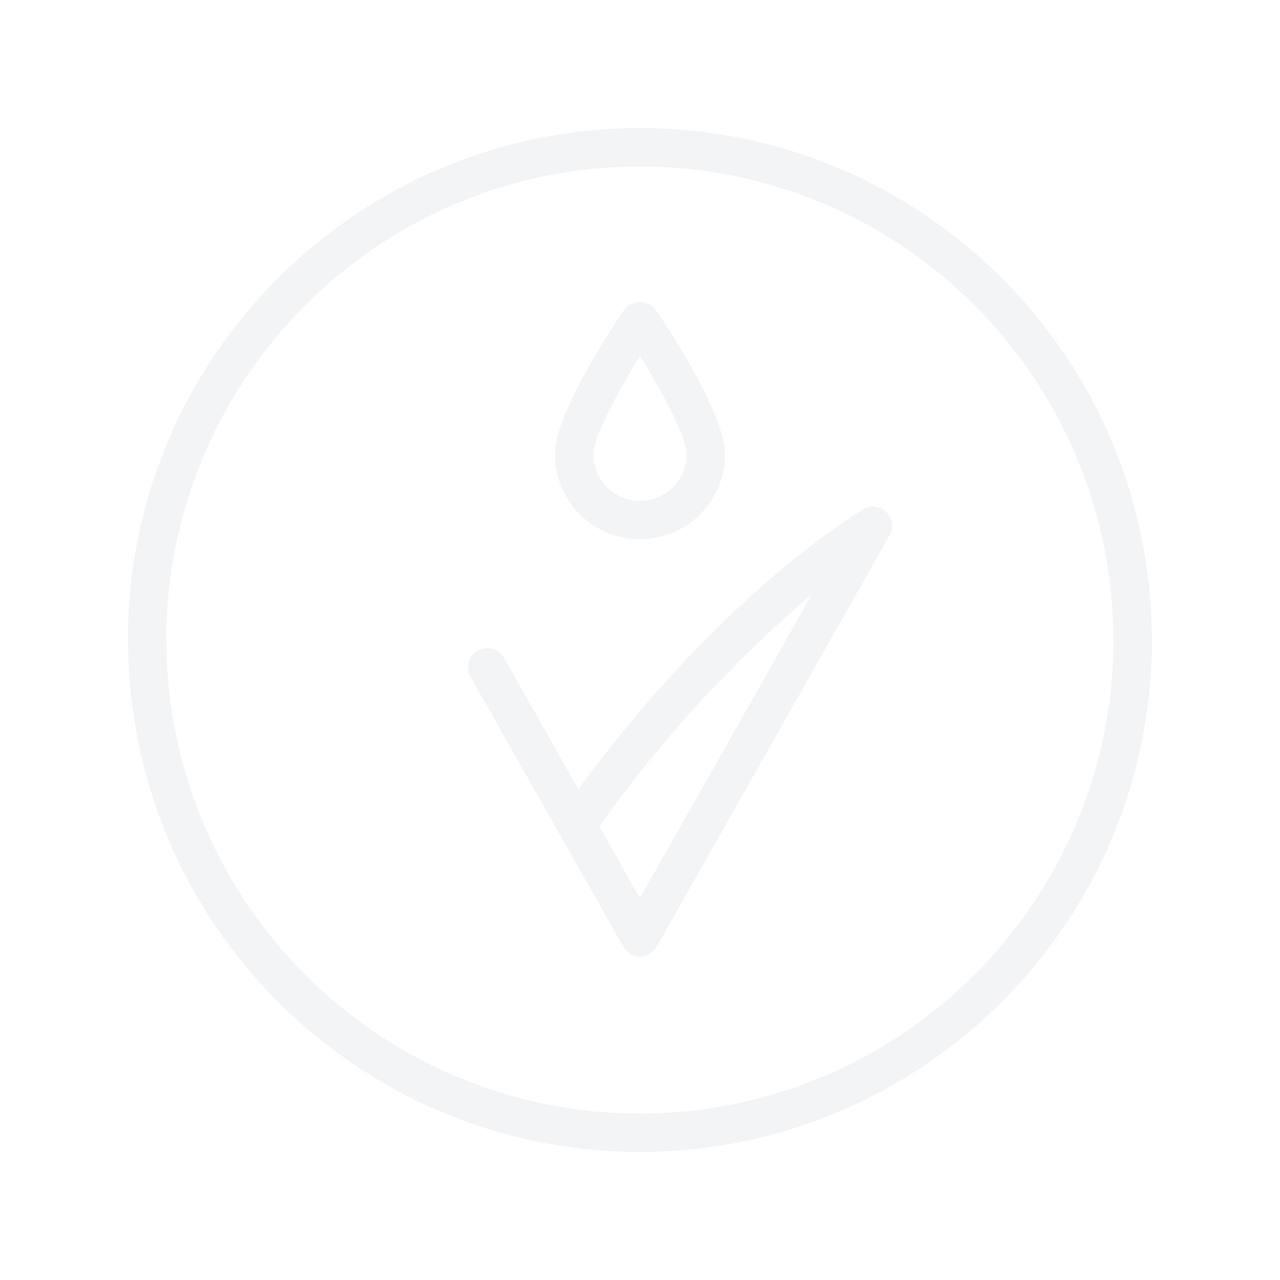 AVENE Cleanance Expert Tinted Emulsion 40ml